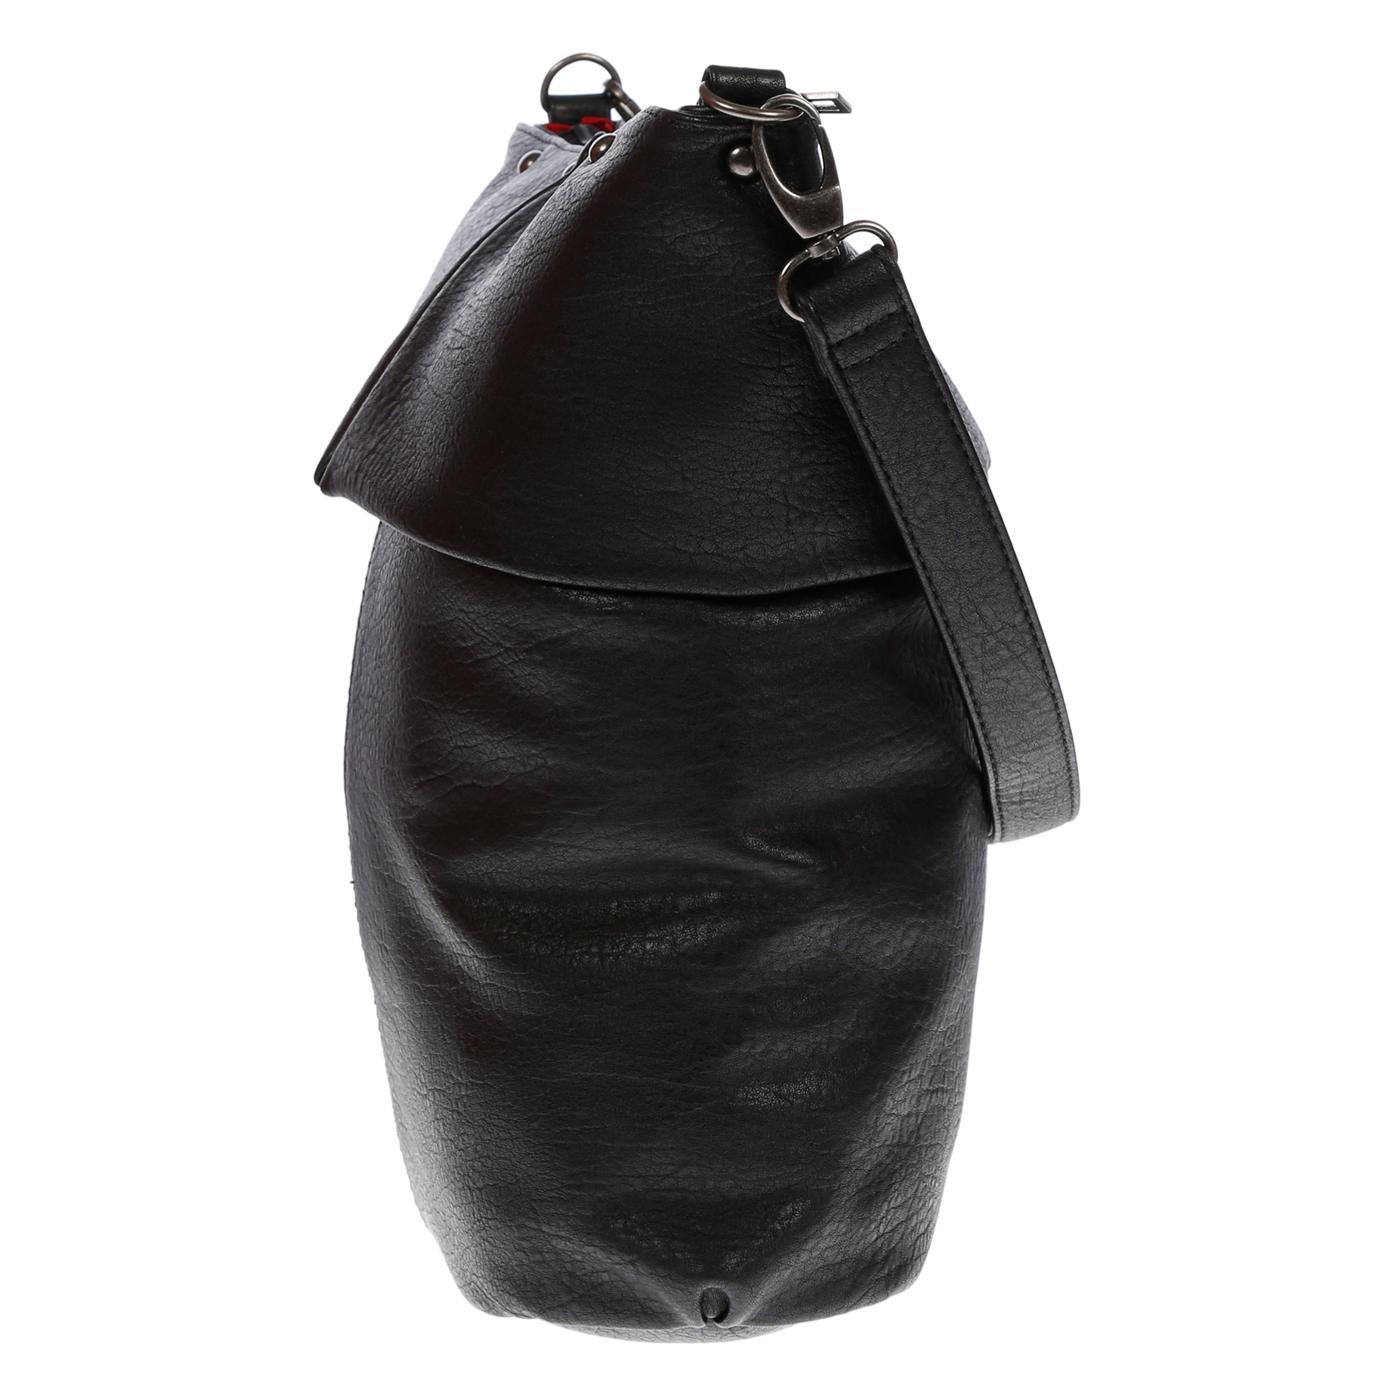 Damentasche-Umhaengetasche-Handtasche-Schultertasche-Leder-Optik-Tasche-Schwarz Indexbild 8